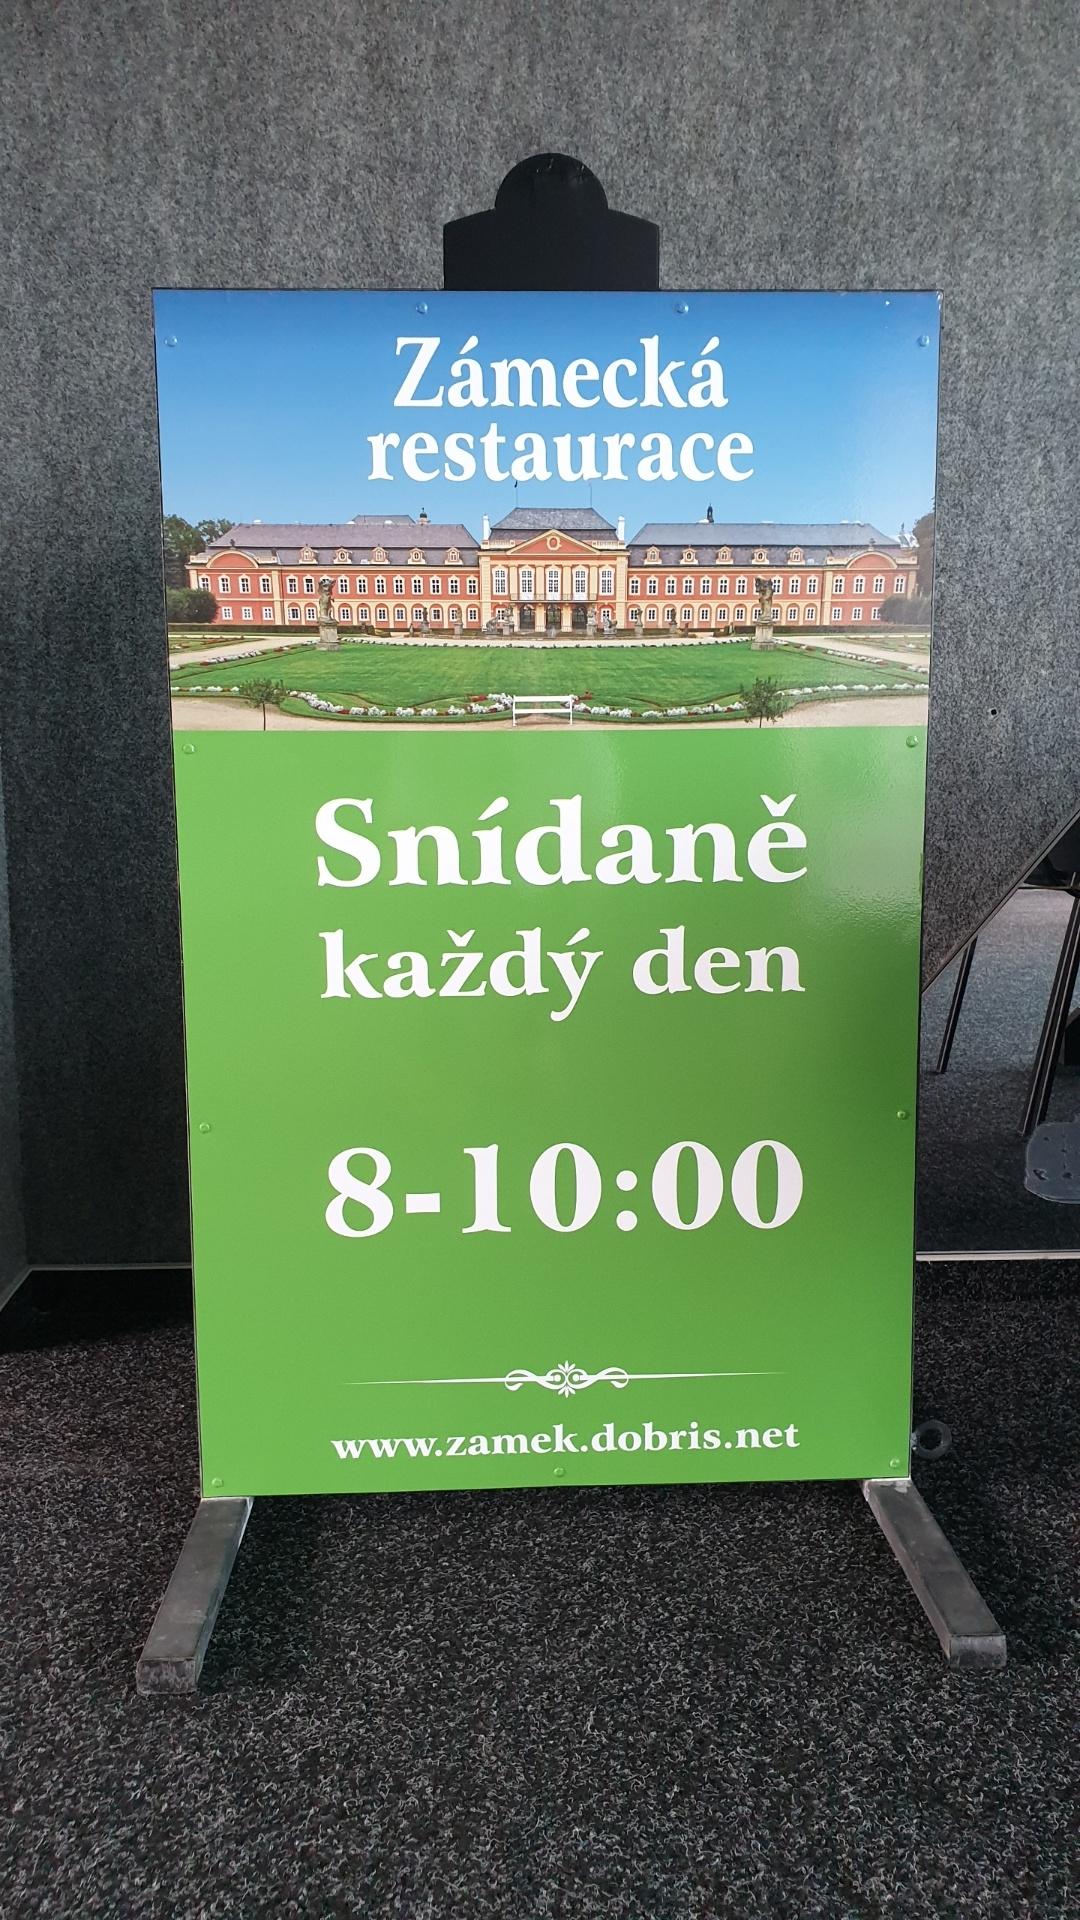 Zámecká restaurace Dobříš - Reklamní stojan